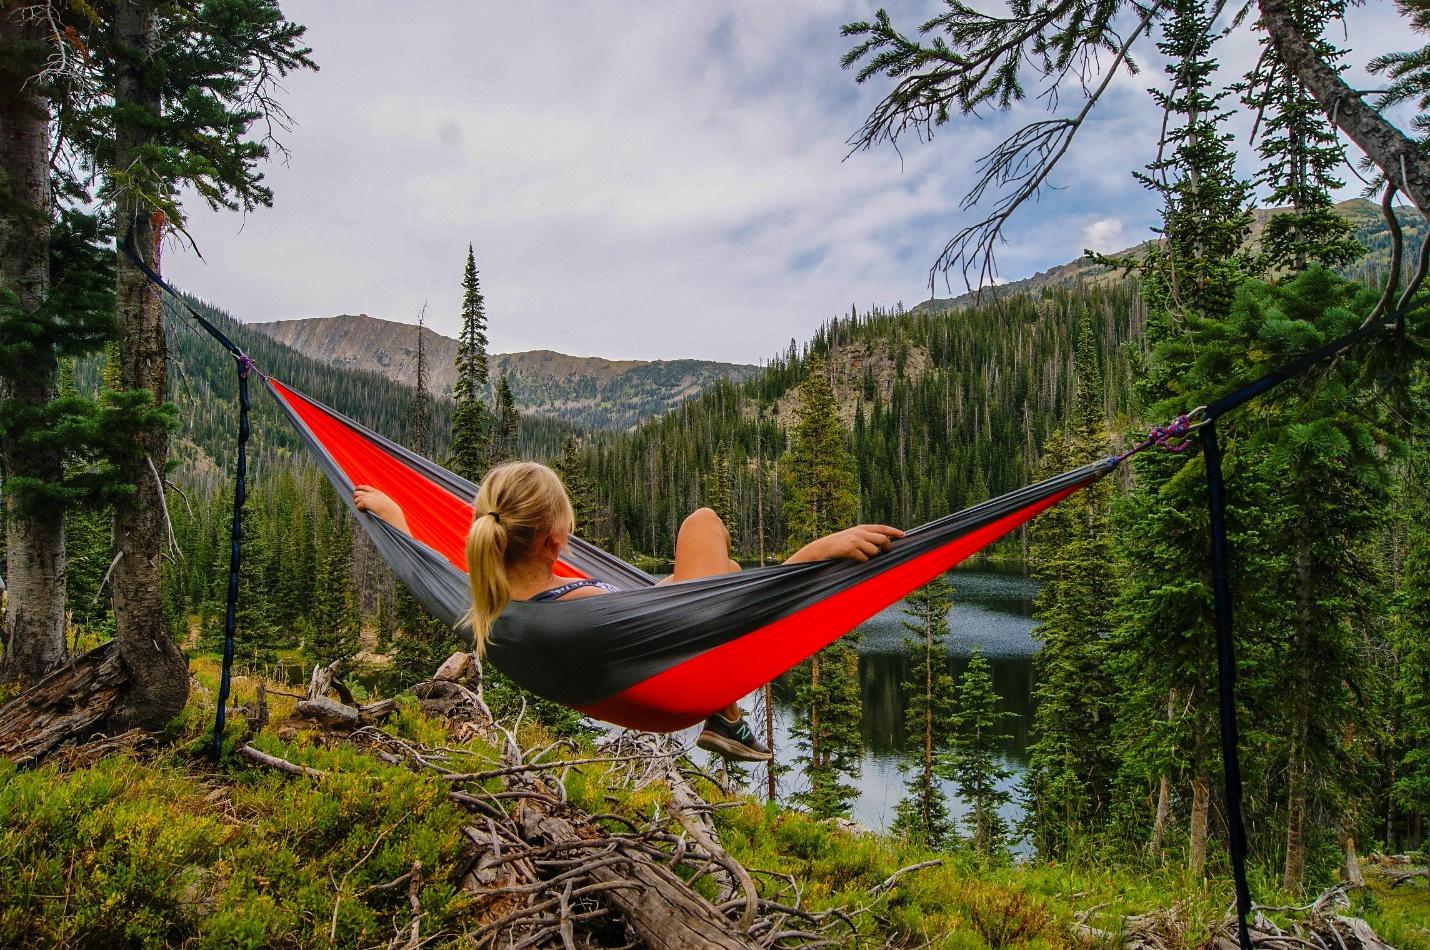 Camping woman in hammock